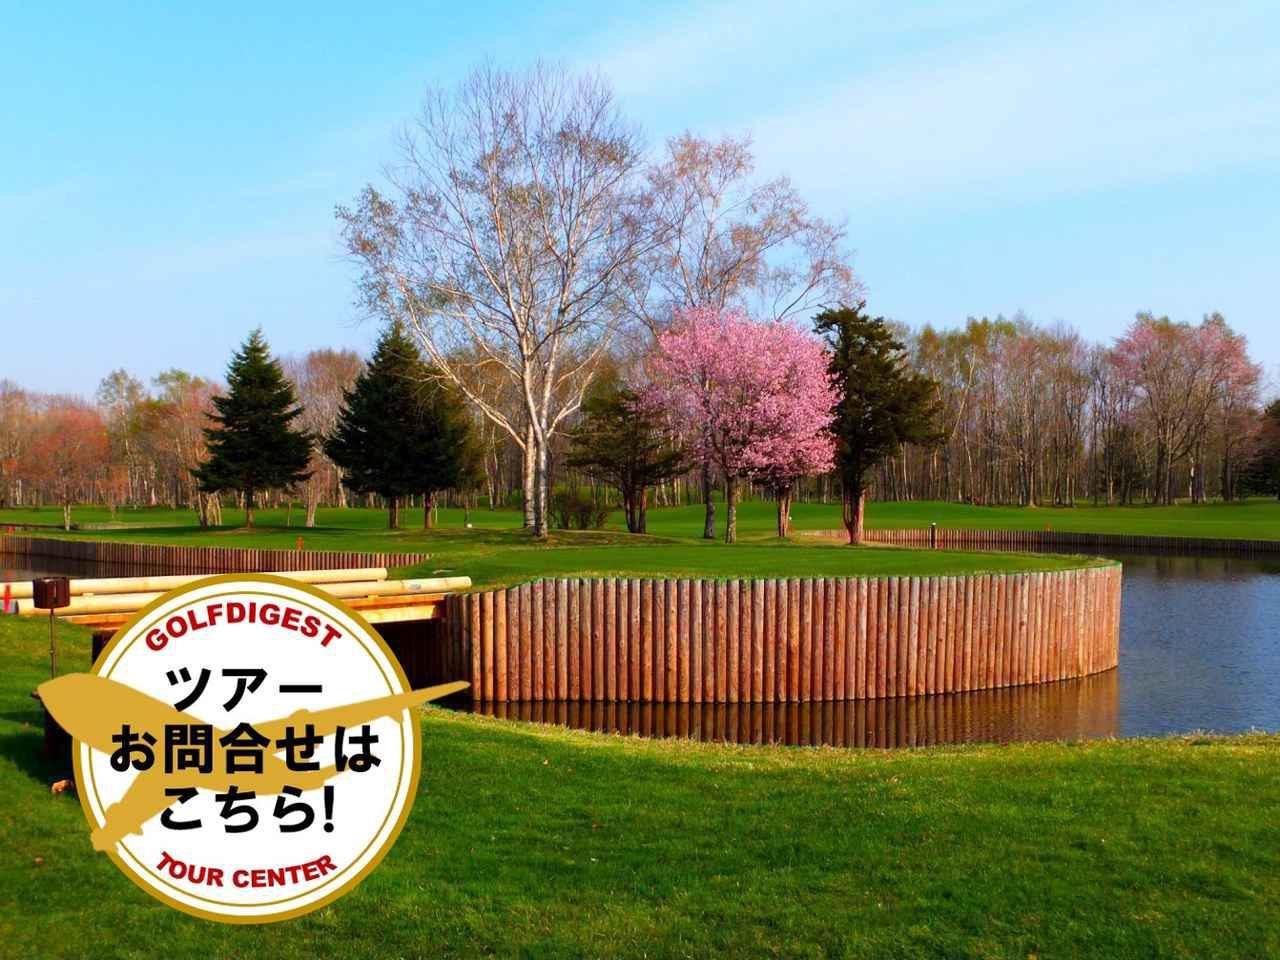 画像: 【北海道・恵庭】新千歳空港から30分の名コース。恵庭CCと隨縁CC恵庭コースでゴルフ 2日間(送迎付き) - ゴルフへ行こうWEB by ゴルフダイジェスト